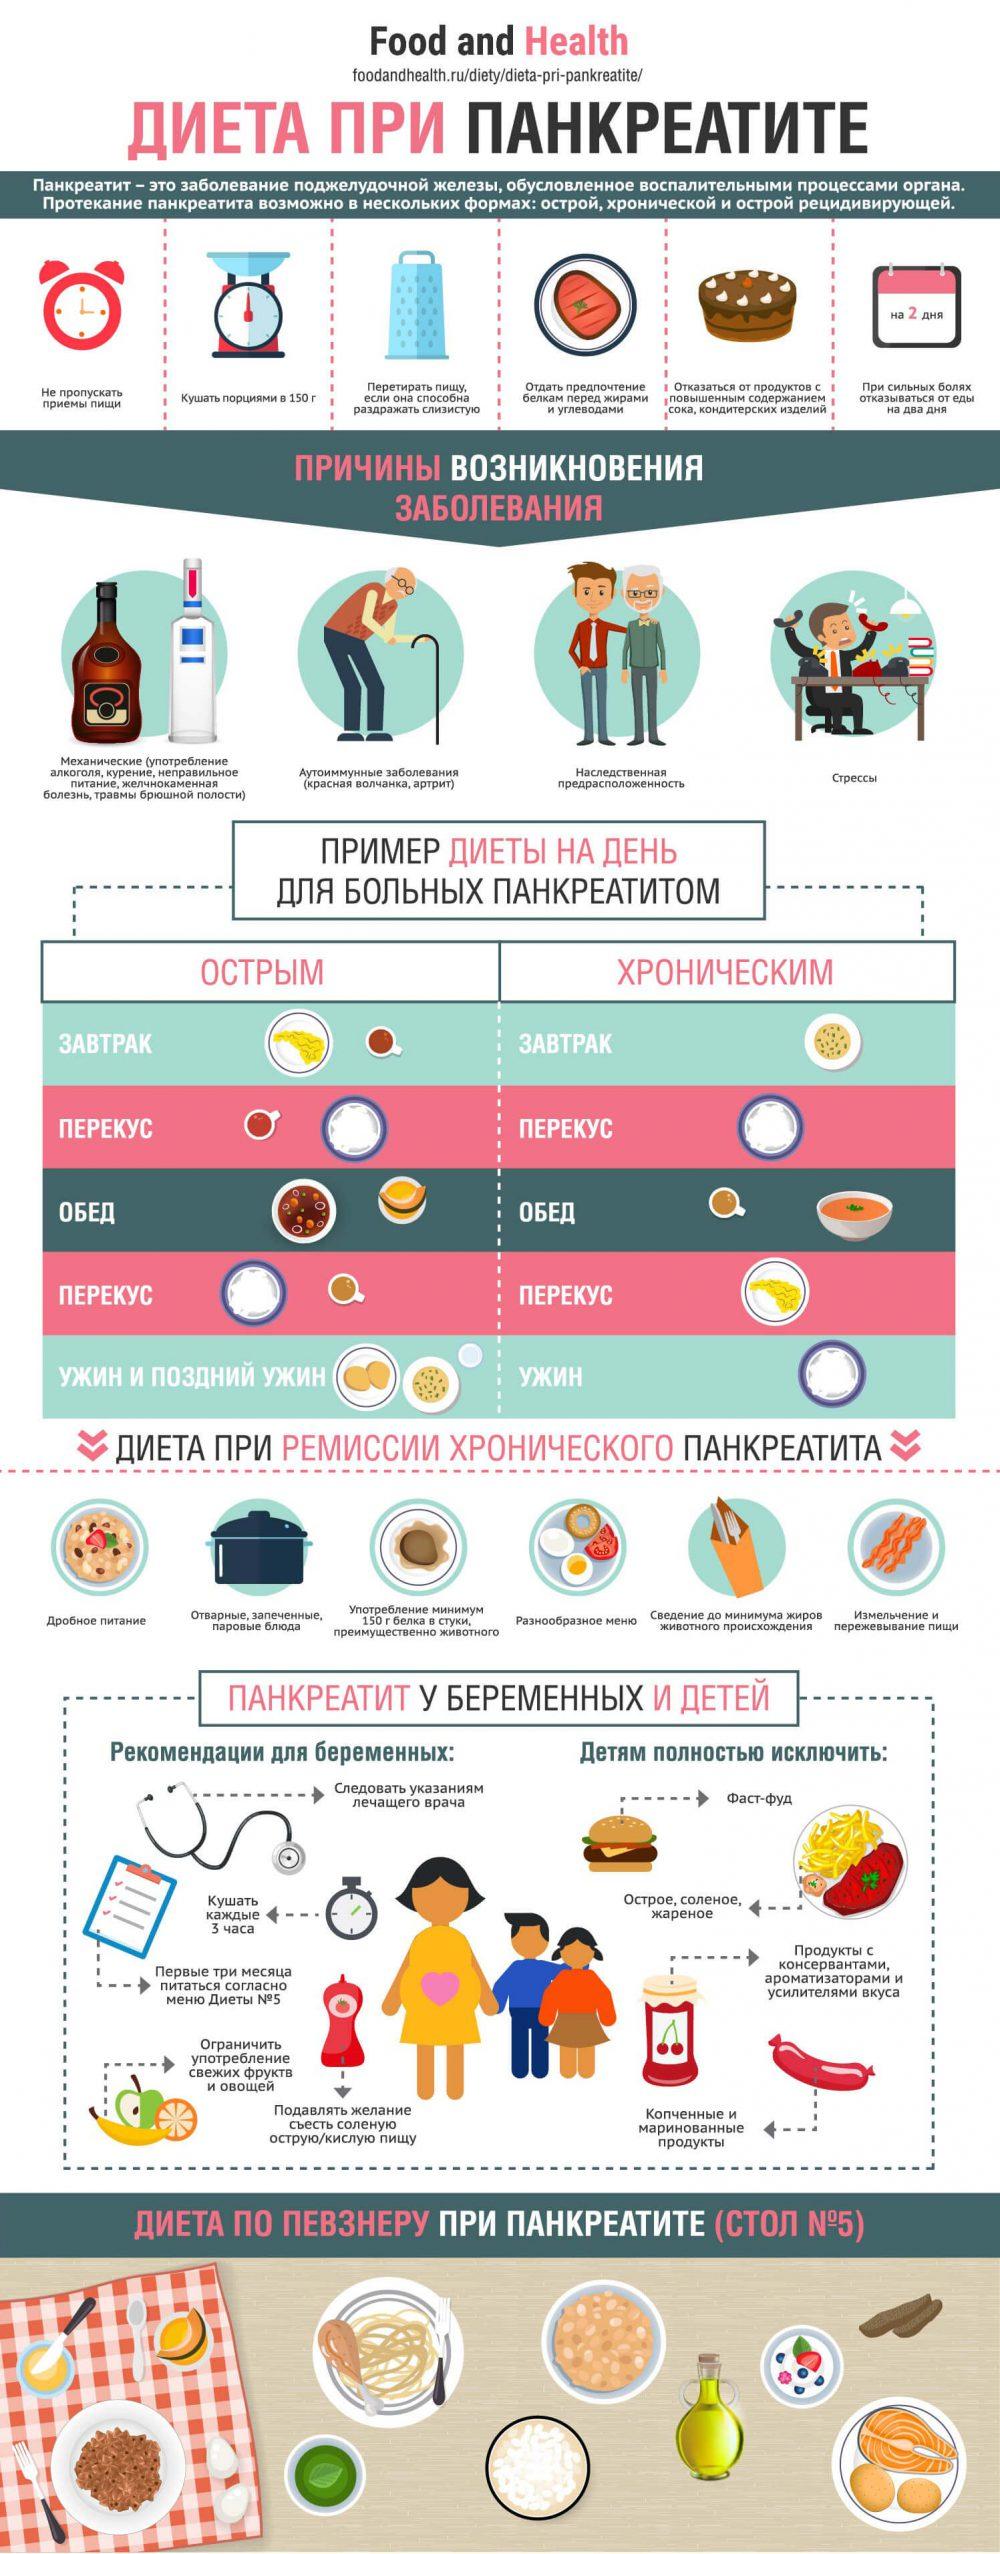 Диета при панкреатите - инфографика